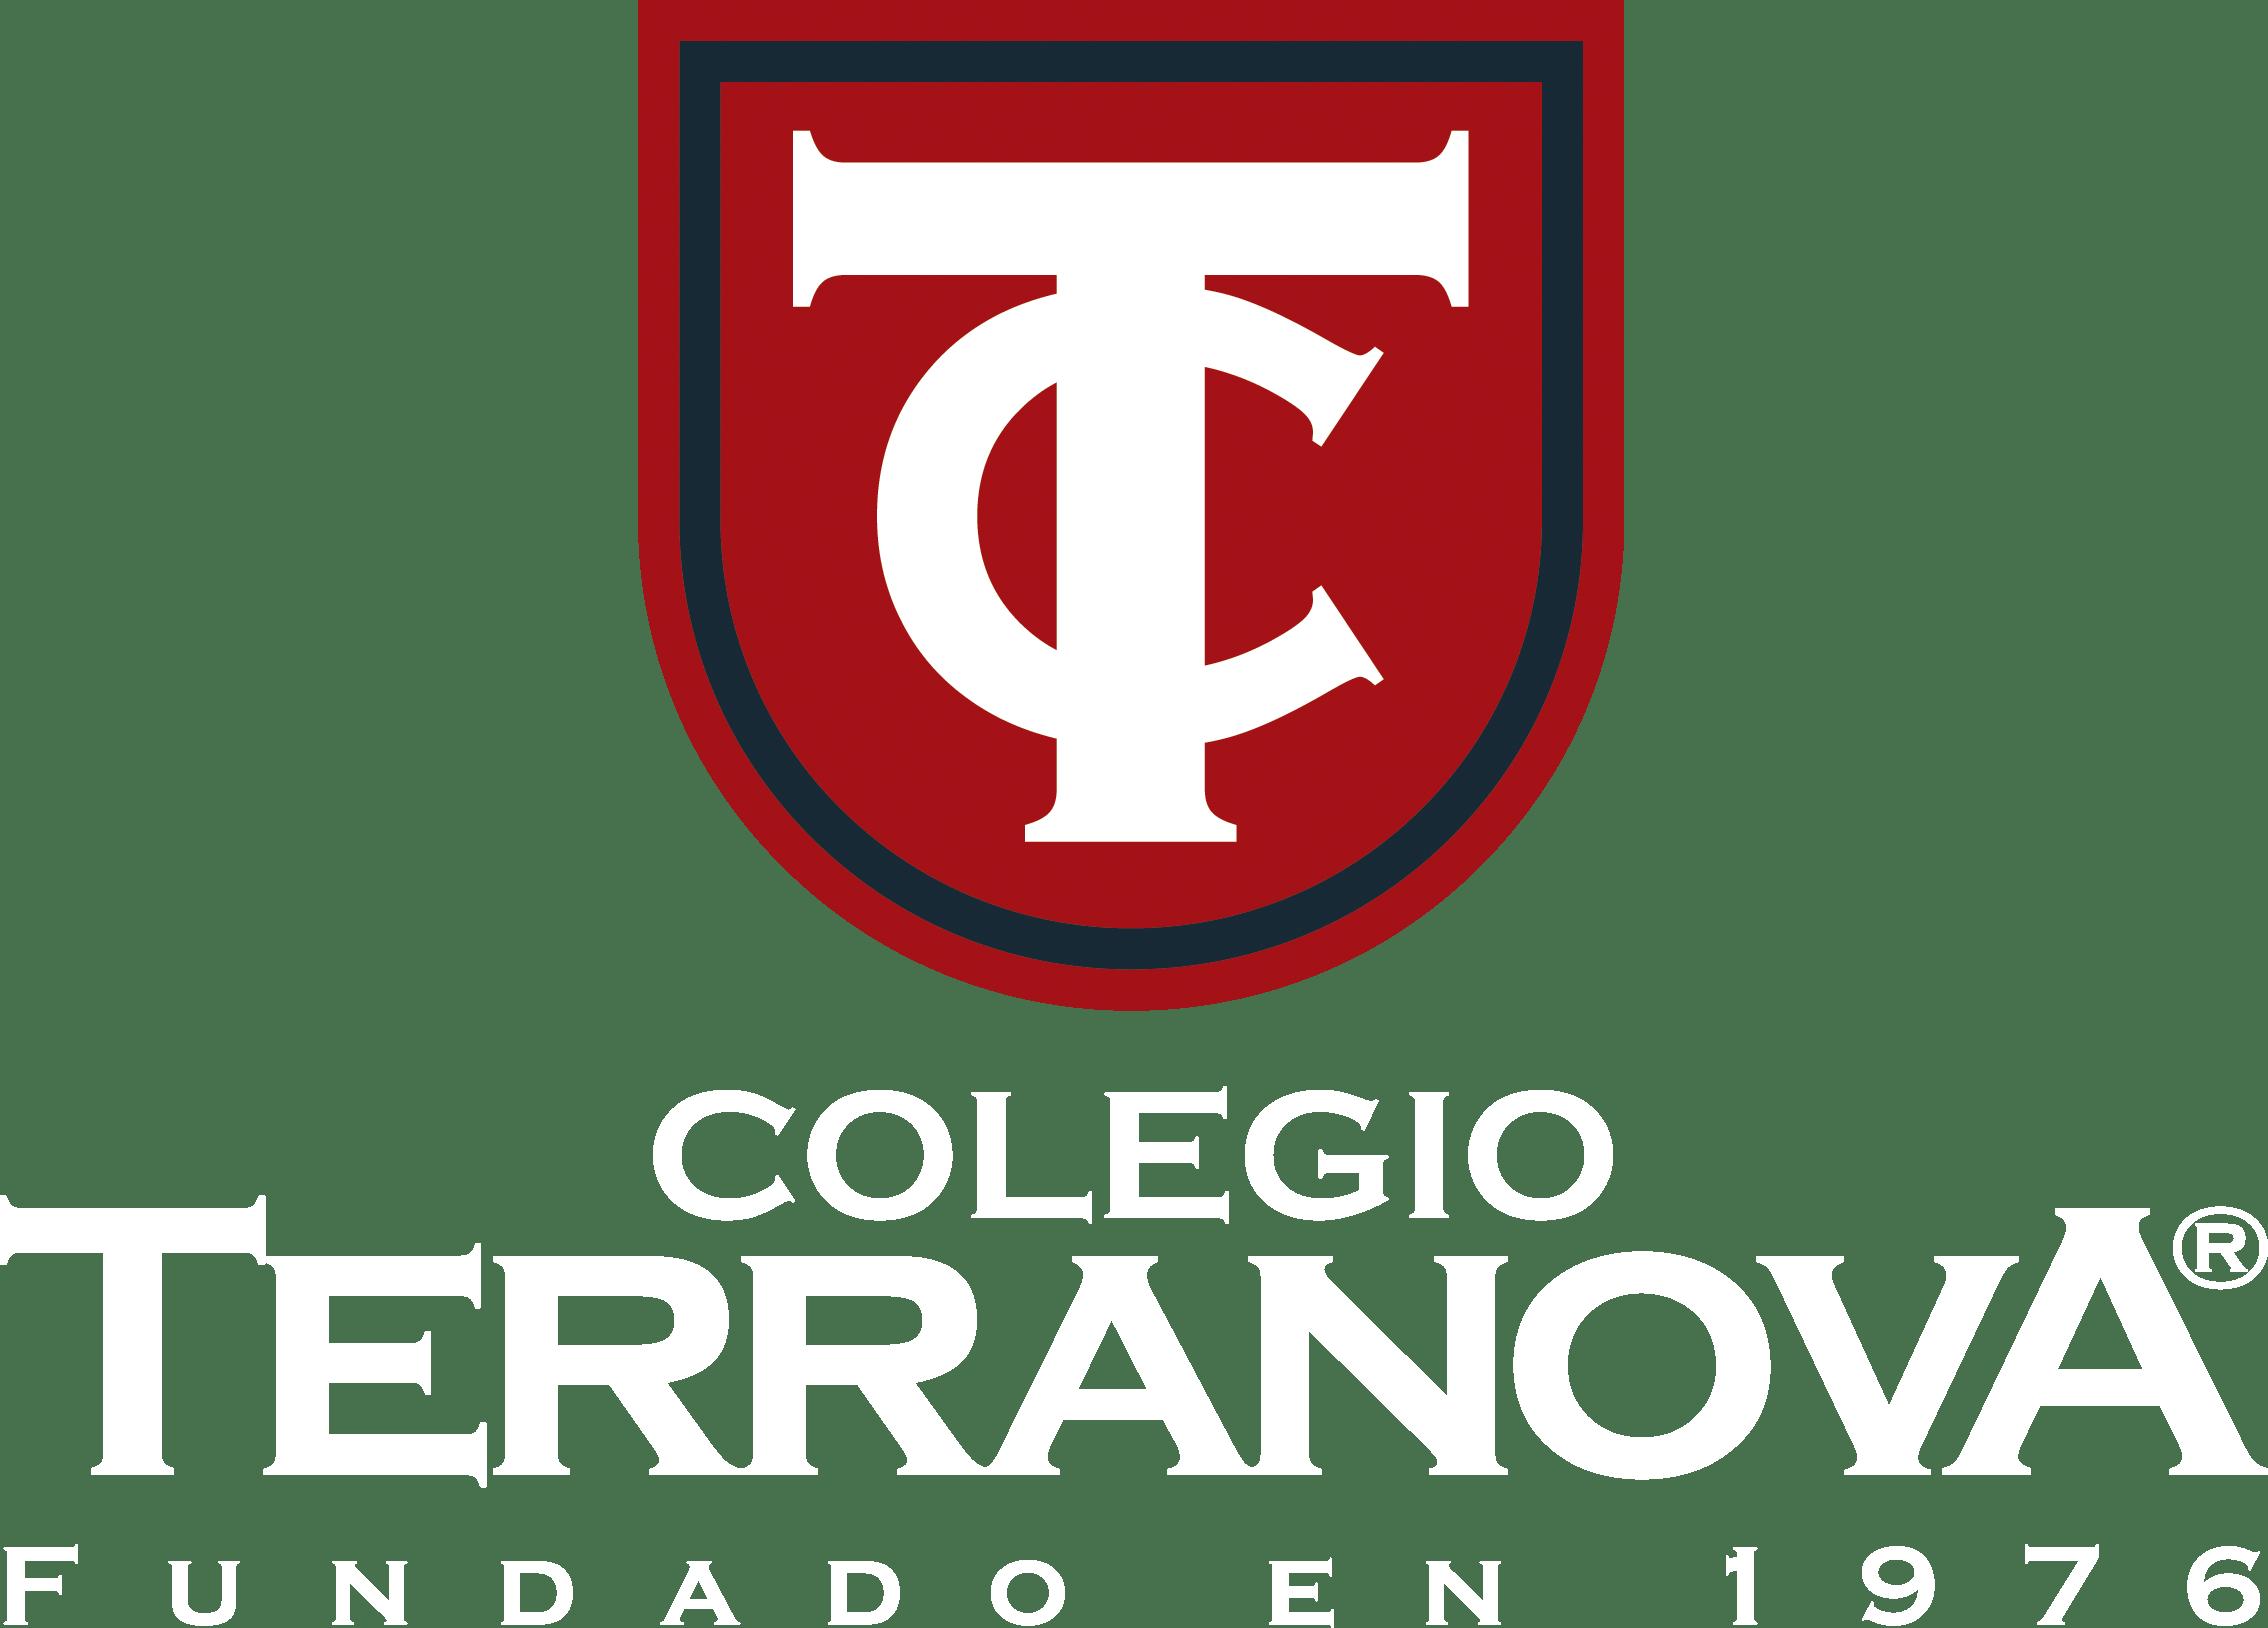 Colegio Terranova Peñaflor